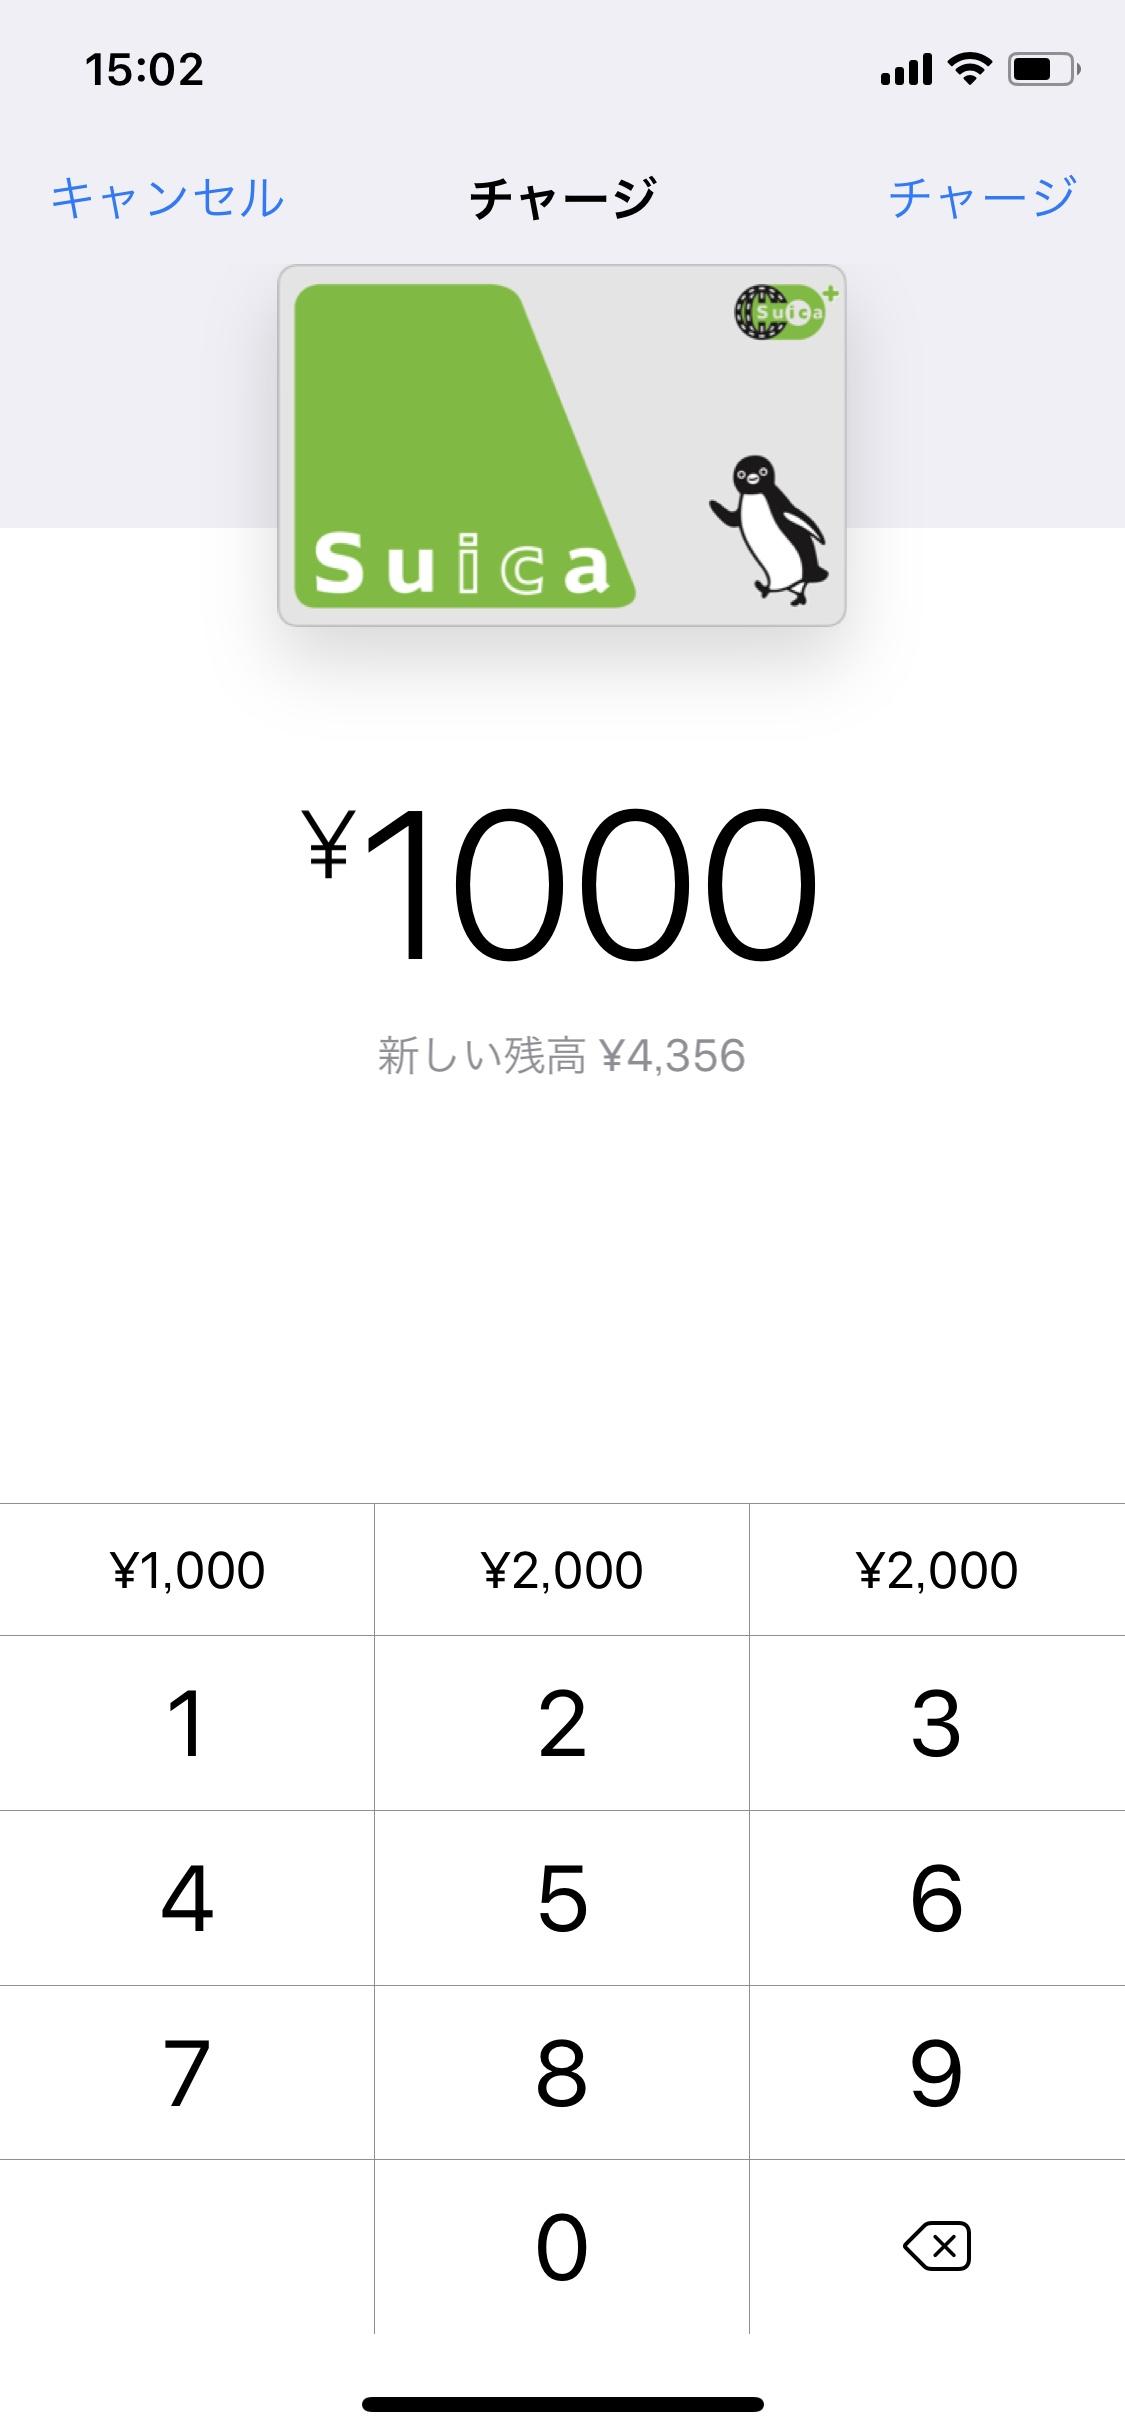 Suica Recharge screen